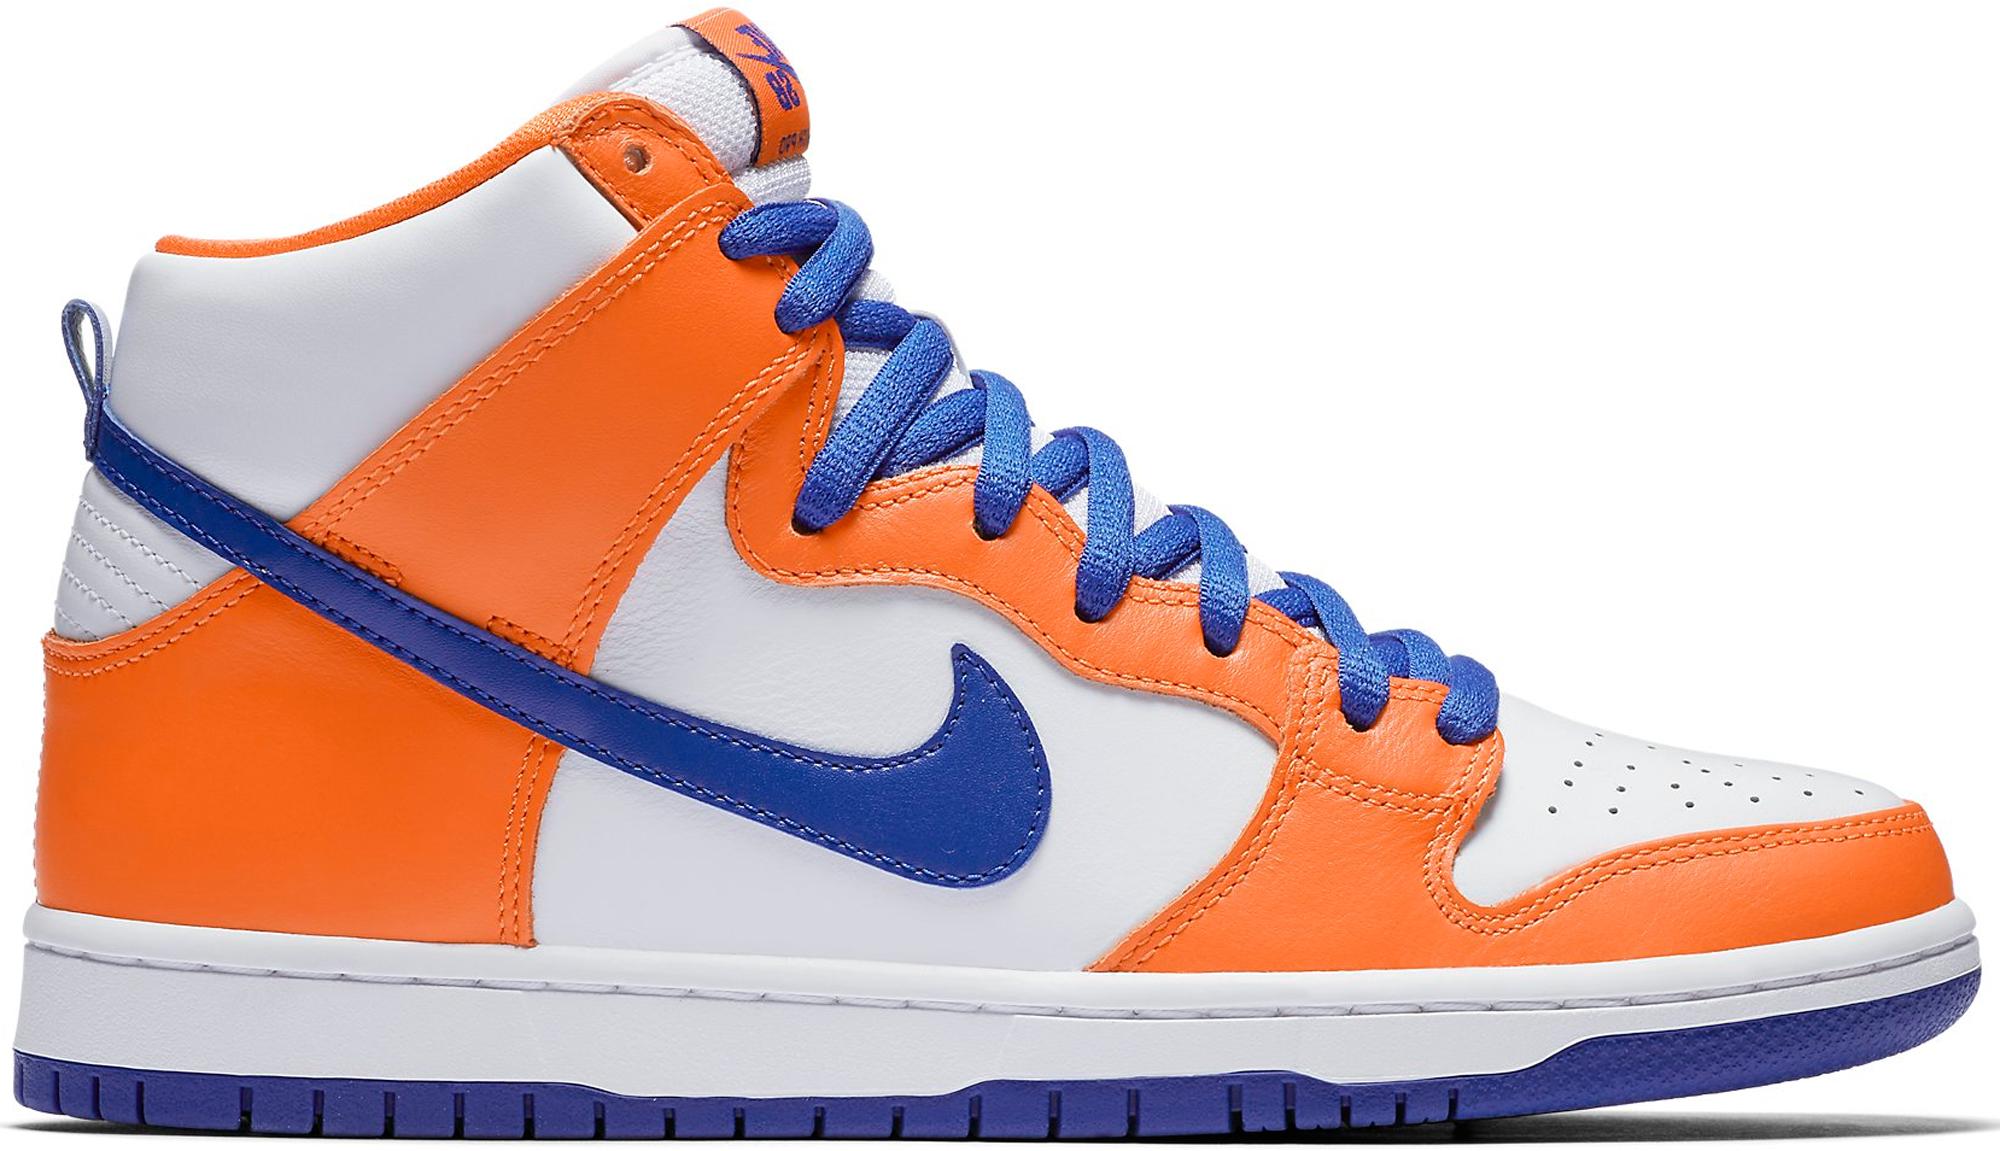 sports shoes 183d7 578d8 ... purple for men 6c2f8 0e526  promo code for nike sb dunk high danny supa  b7e10 3b242